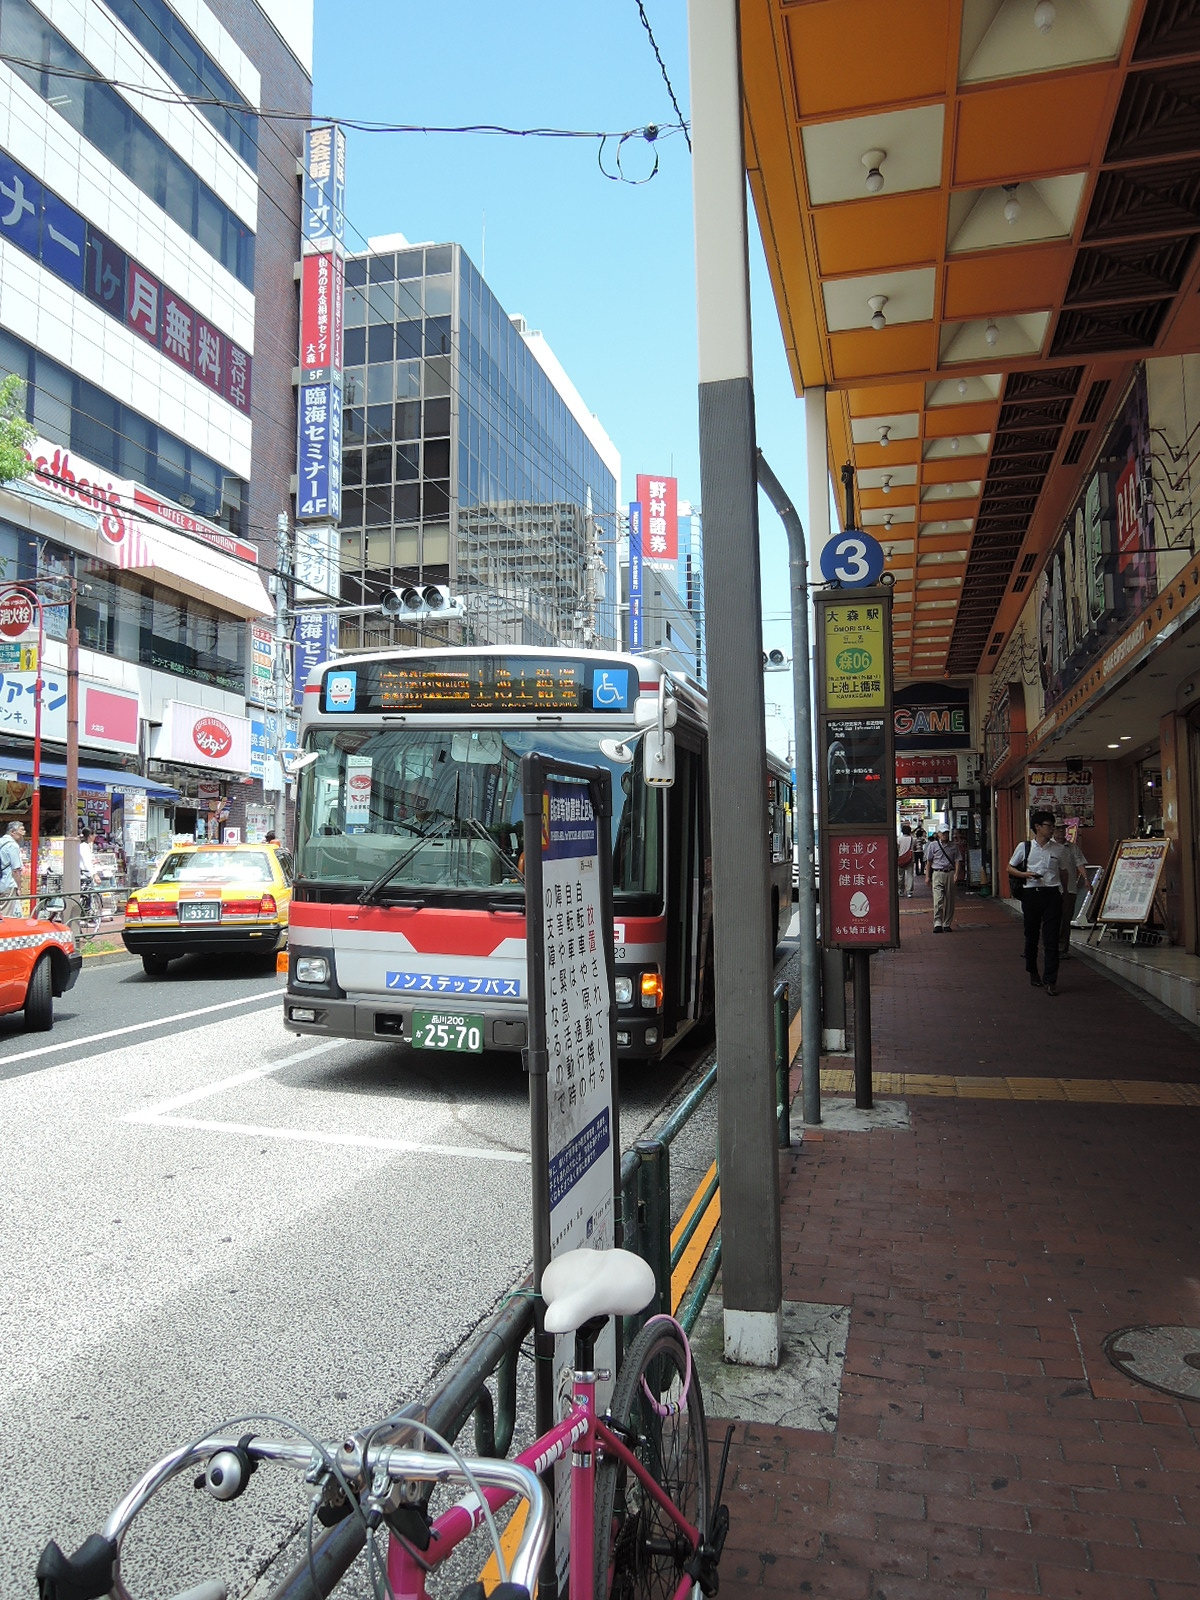 歩道に並んで設置されているバス停留所(西口)